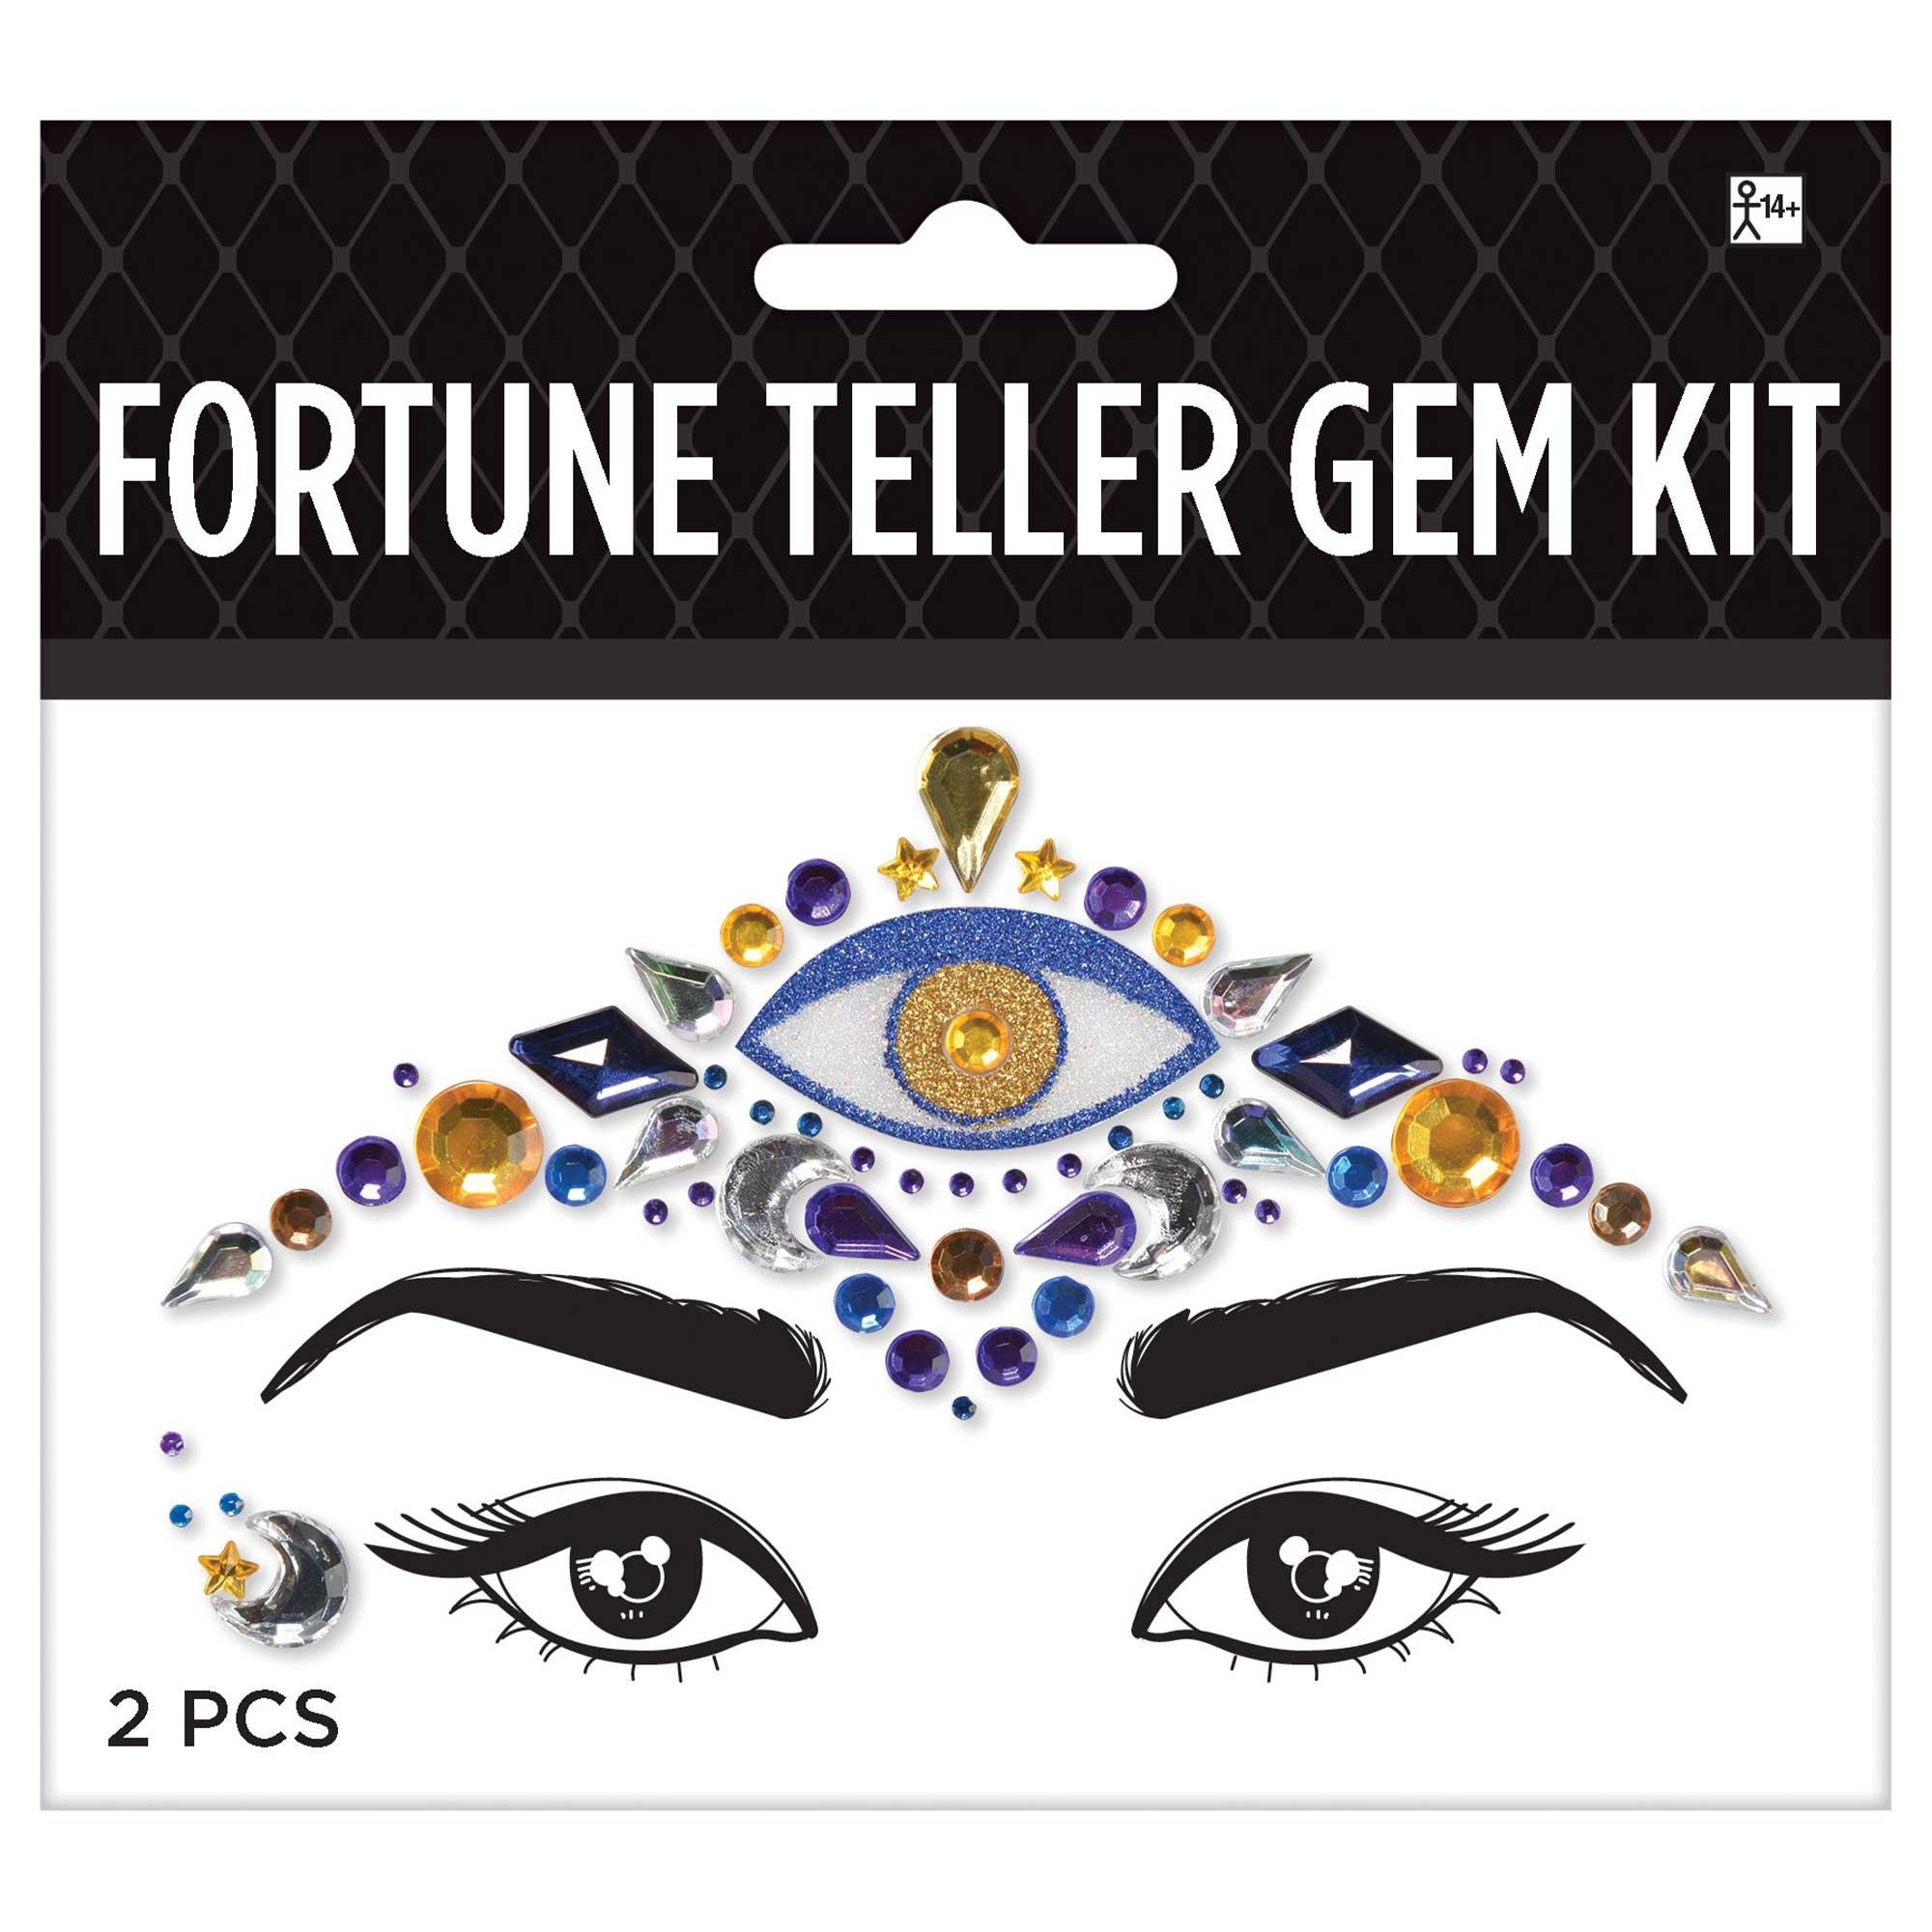 Fortune Teller Gem Kit